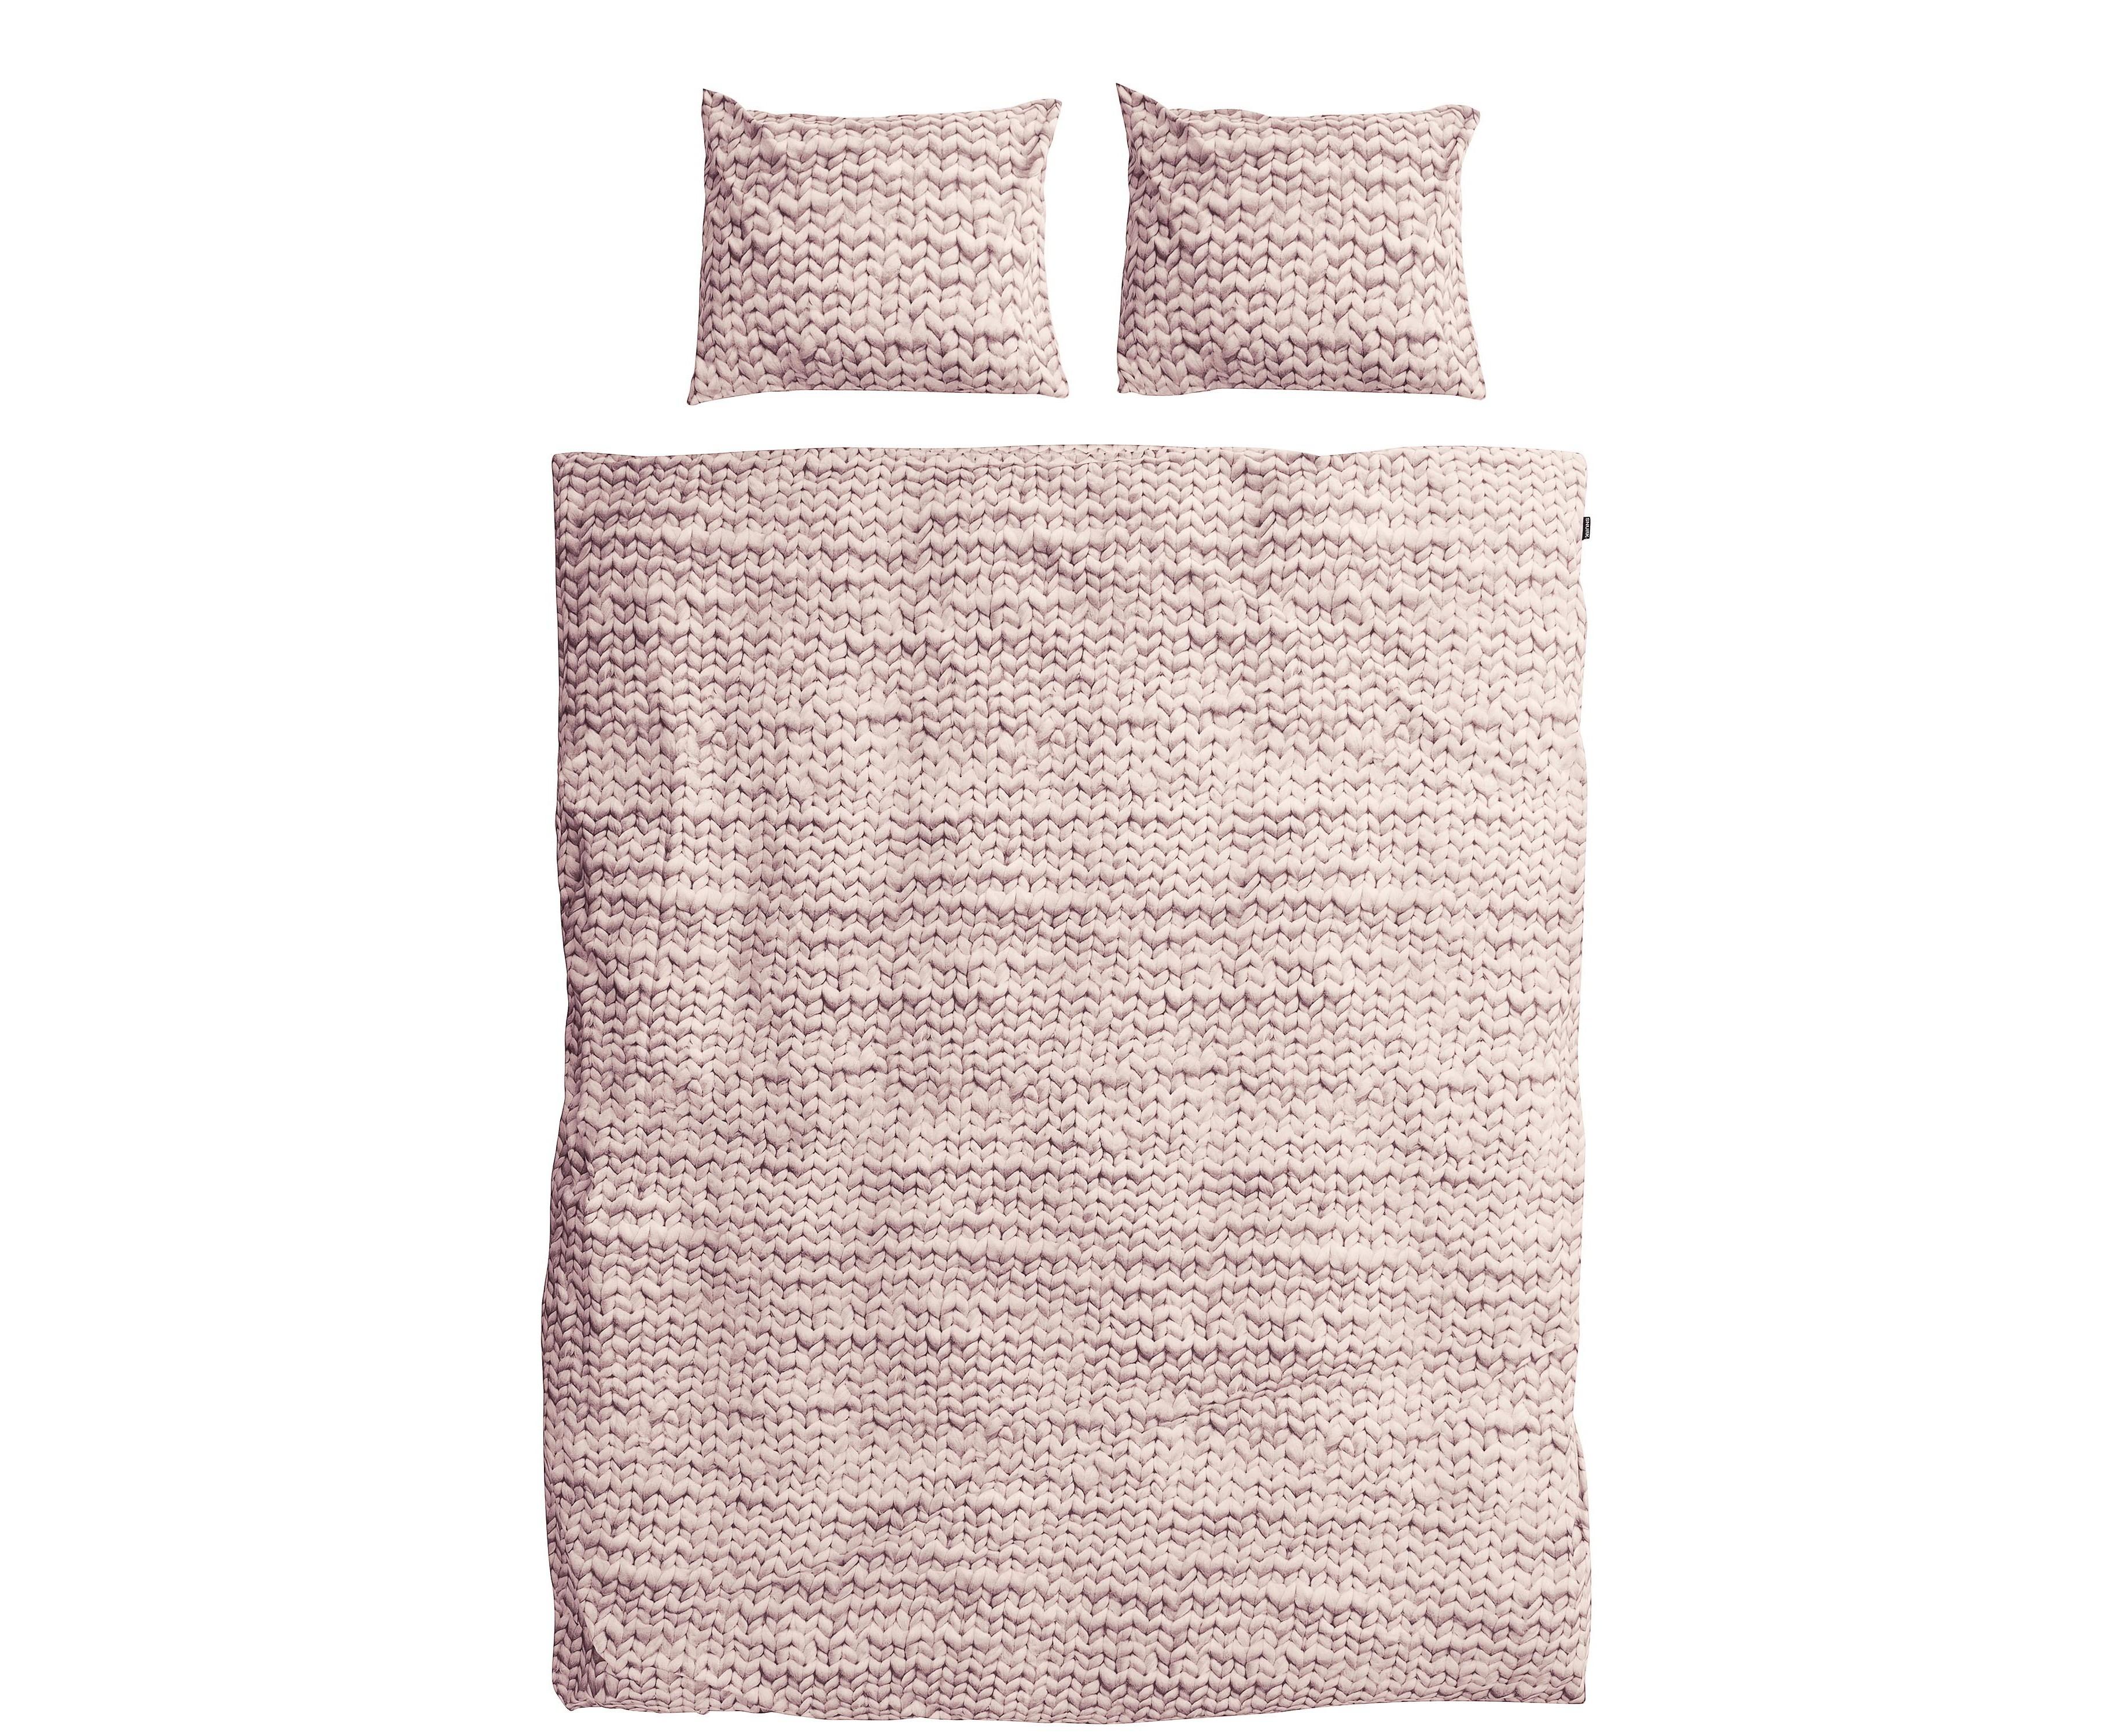 Комплект постельного белья Косичка розовыйДвуспальные комплекты постельного белья<br>Этот мягкий узор связан очень большими спицами, а клубки шерсти были размером с баскетбольные мячи. Все для того, чтобы внести уют и тепло в вашу спальню в холодные зимние ночи.&amp;amp;nbsp;&amp;lt;div&amp;gt;&amp;lt;br&amp;gt;&amp;lt;/div&amp;gt;&amp;lt;div&amp;gt;Материал: 100% хлопок ПЕРКАЛЬ (плотность ткани 214г/м2).&amp;amp;nbsp;&amp;lt;div&amp;gt;&amp;lt;span style=&amp;quot;line-height: 1.78571;&amp;quot;&amp;gt;В комплект входит: пододеяльник 200х220см - 1 шт, наволочка 50х70см - 2 шт.&amp;lt;/span&amp;gt;&amp;lt;br&amp;gt;&amp;lt;/div&amp;gt;&amp;lt;/div&amp;gt;<br><br>Material: Хлопок<br>Ширина см: 200